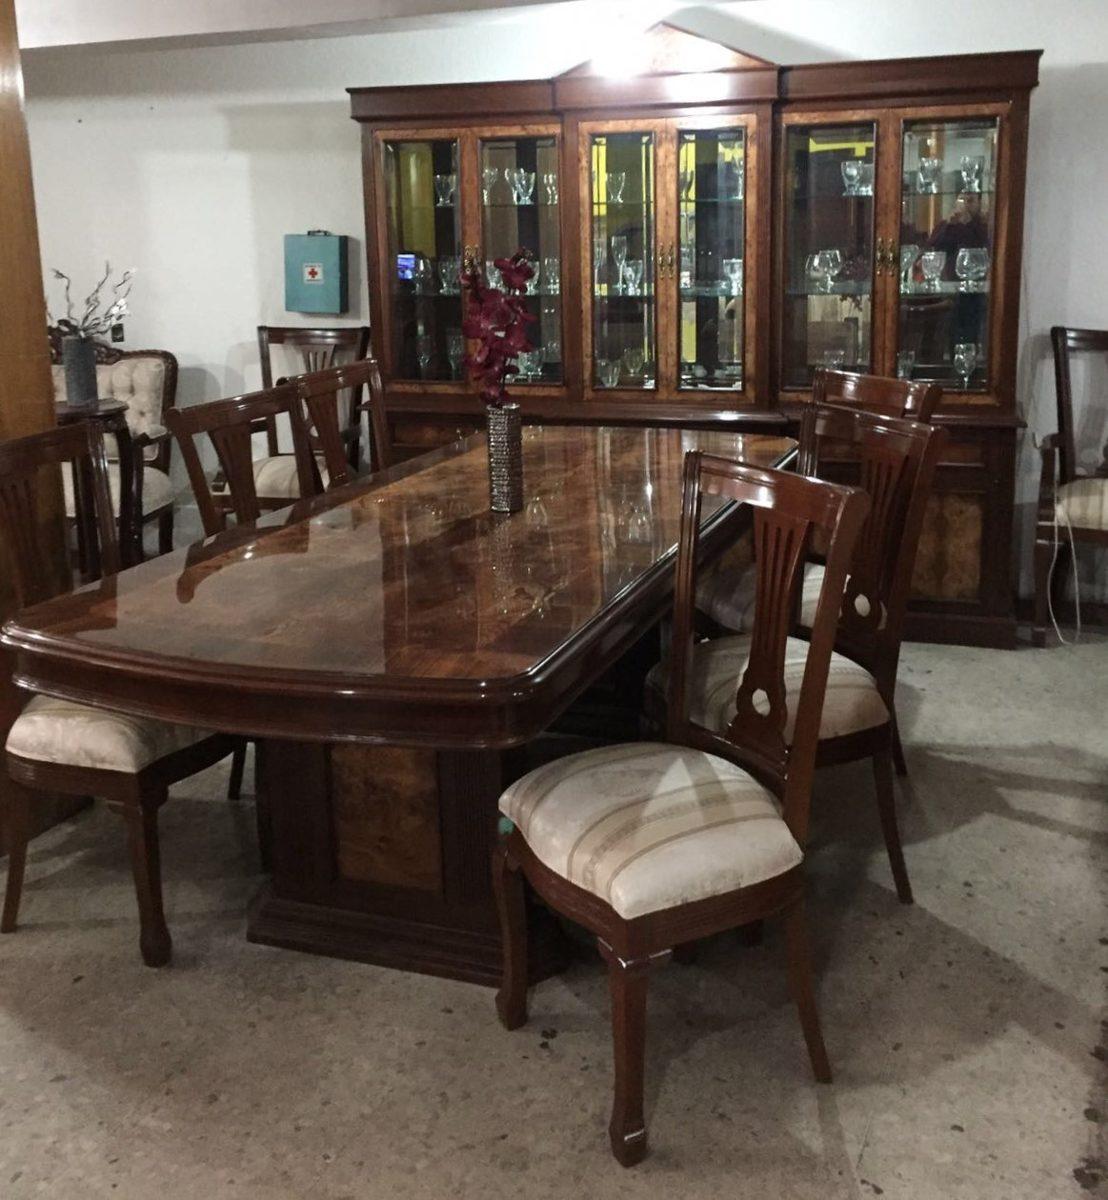 Comedor provenzal modernista modelo ingl s en madera fina for Comedor 8 sillas madera